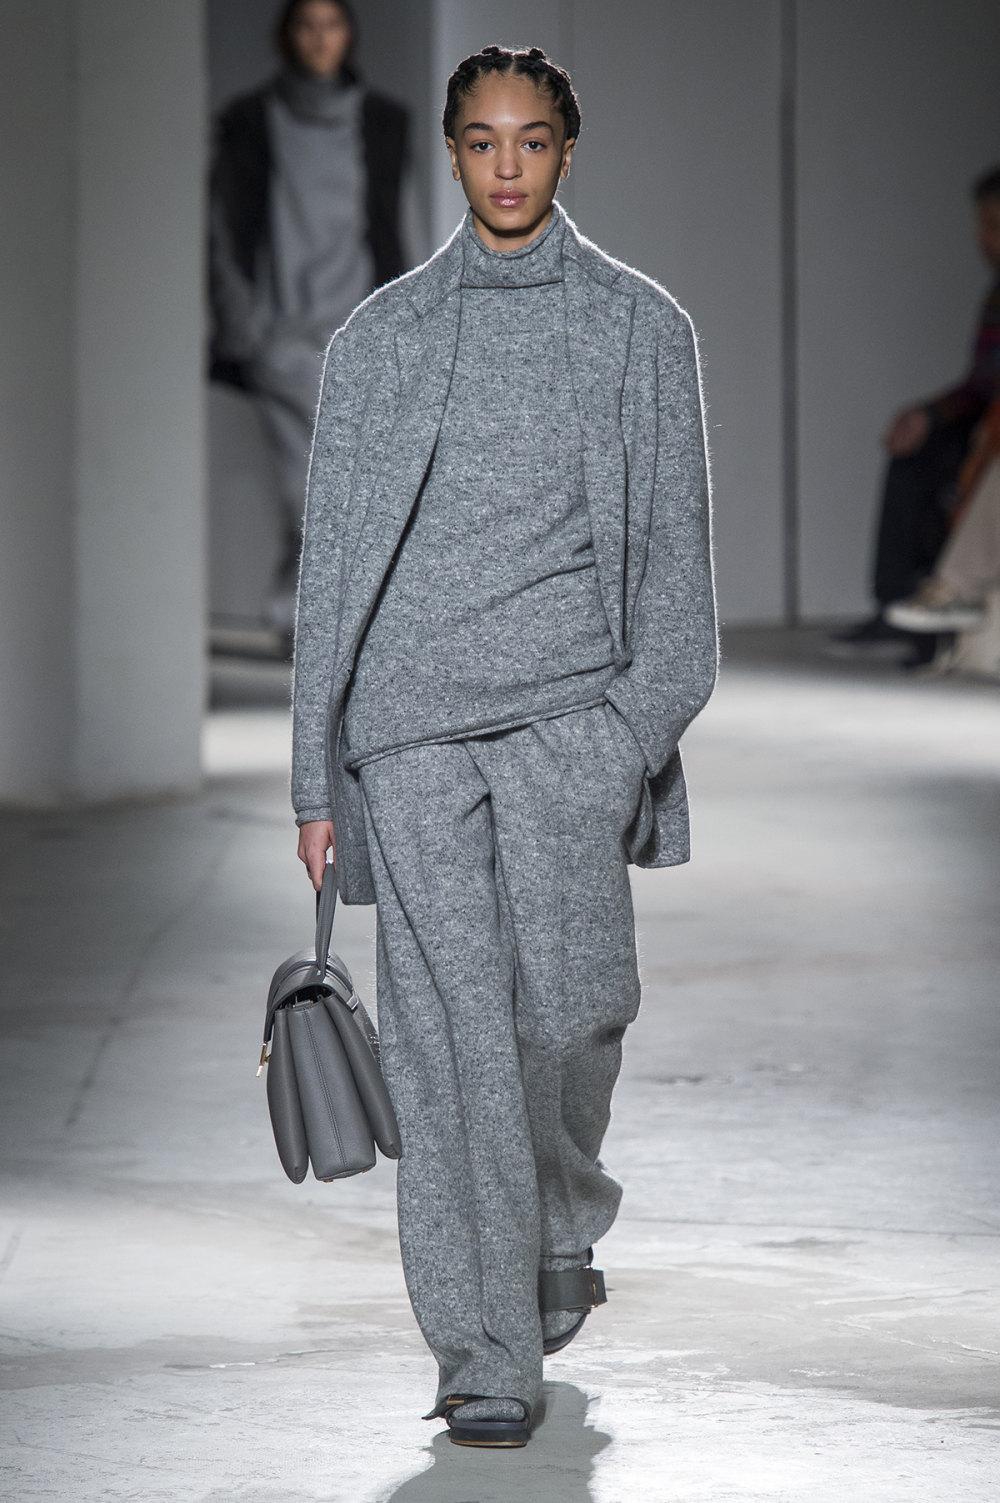 Agnona时装系列有纹理外套长而瘦有些穿着浴袍宽腿裤套装有巧克力-28.jpg